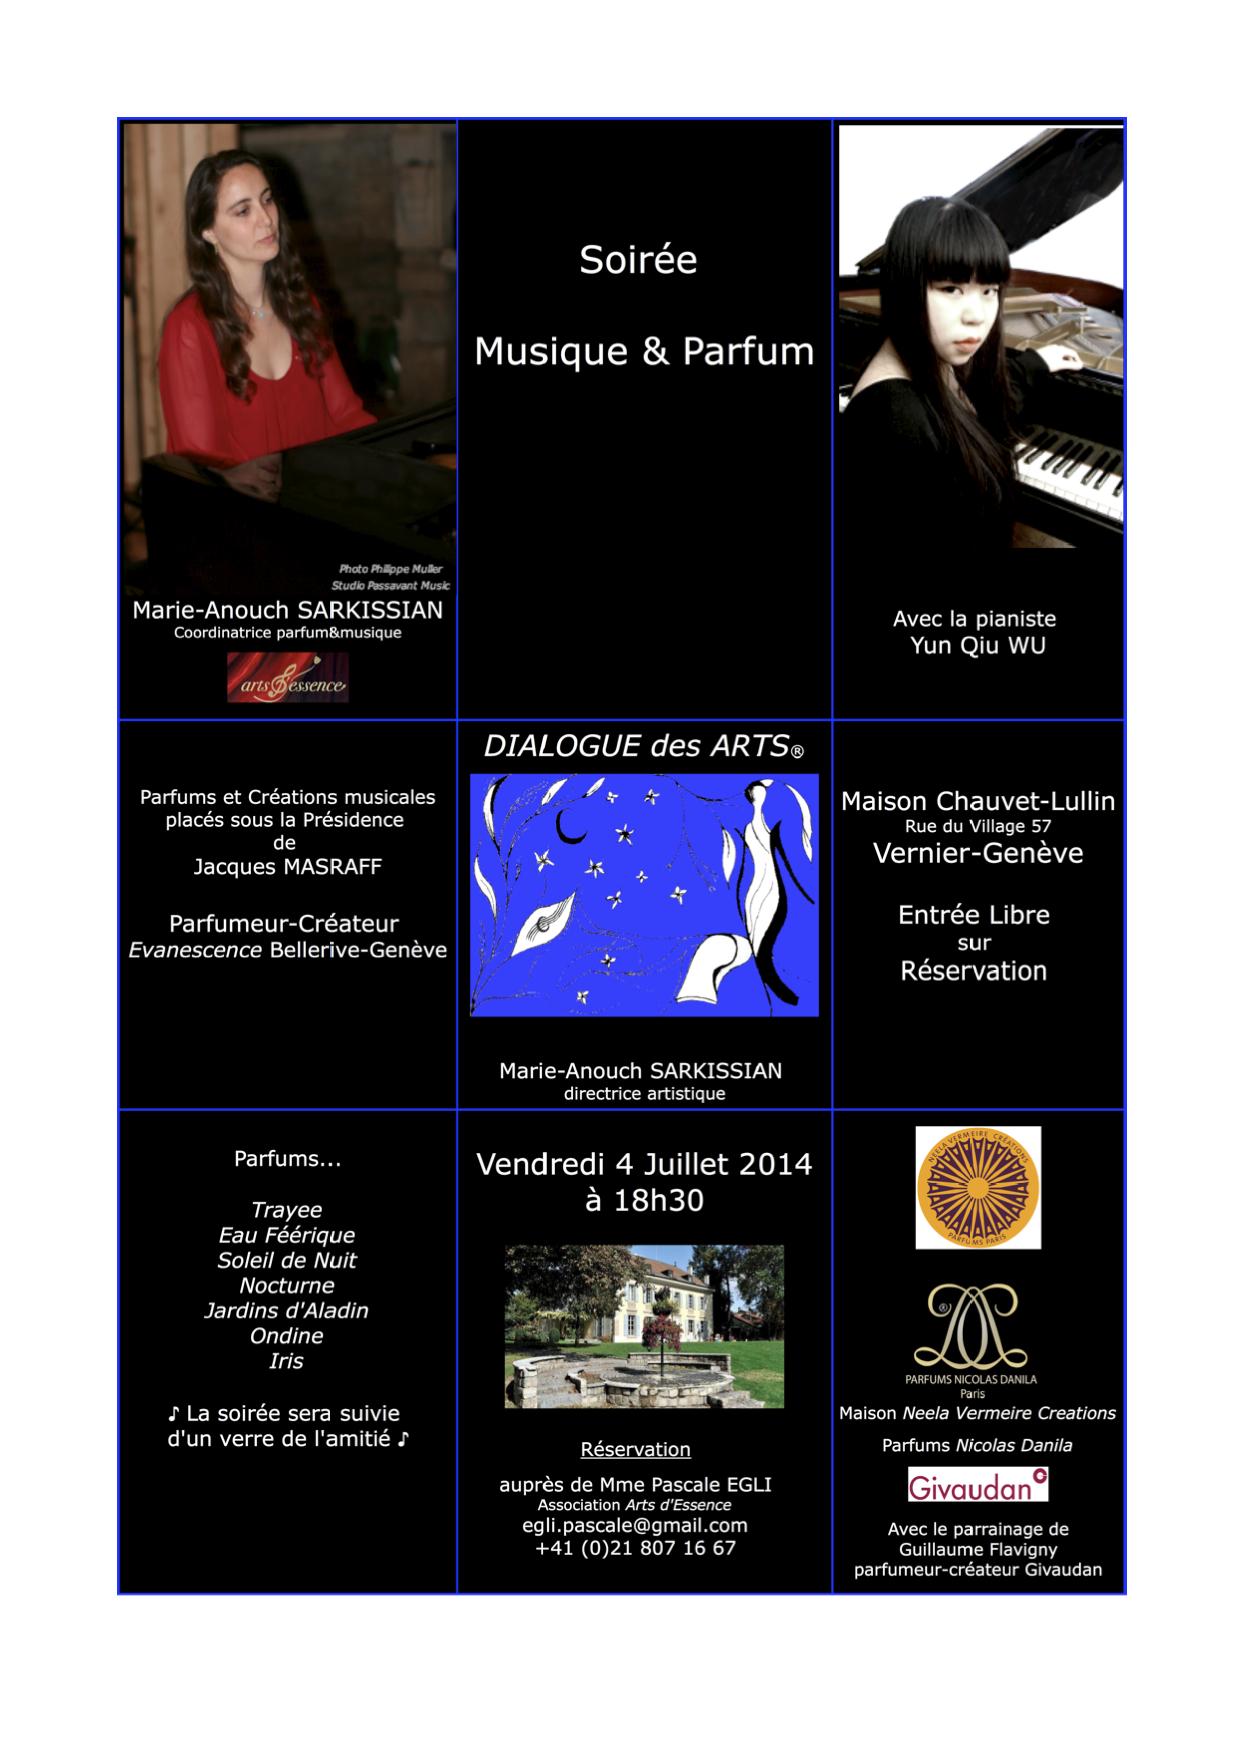 INVITATION_MAISON_CHAUVET_LULLIN_SARKISSIAN